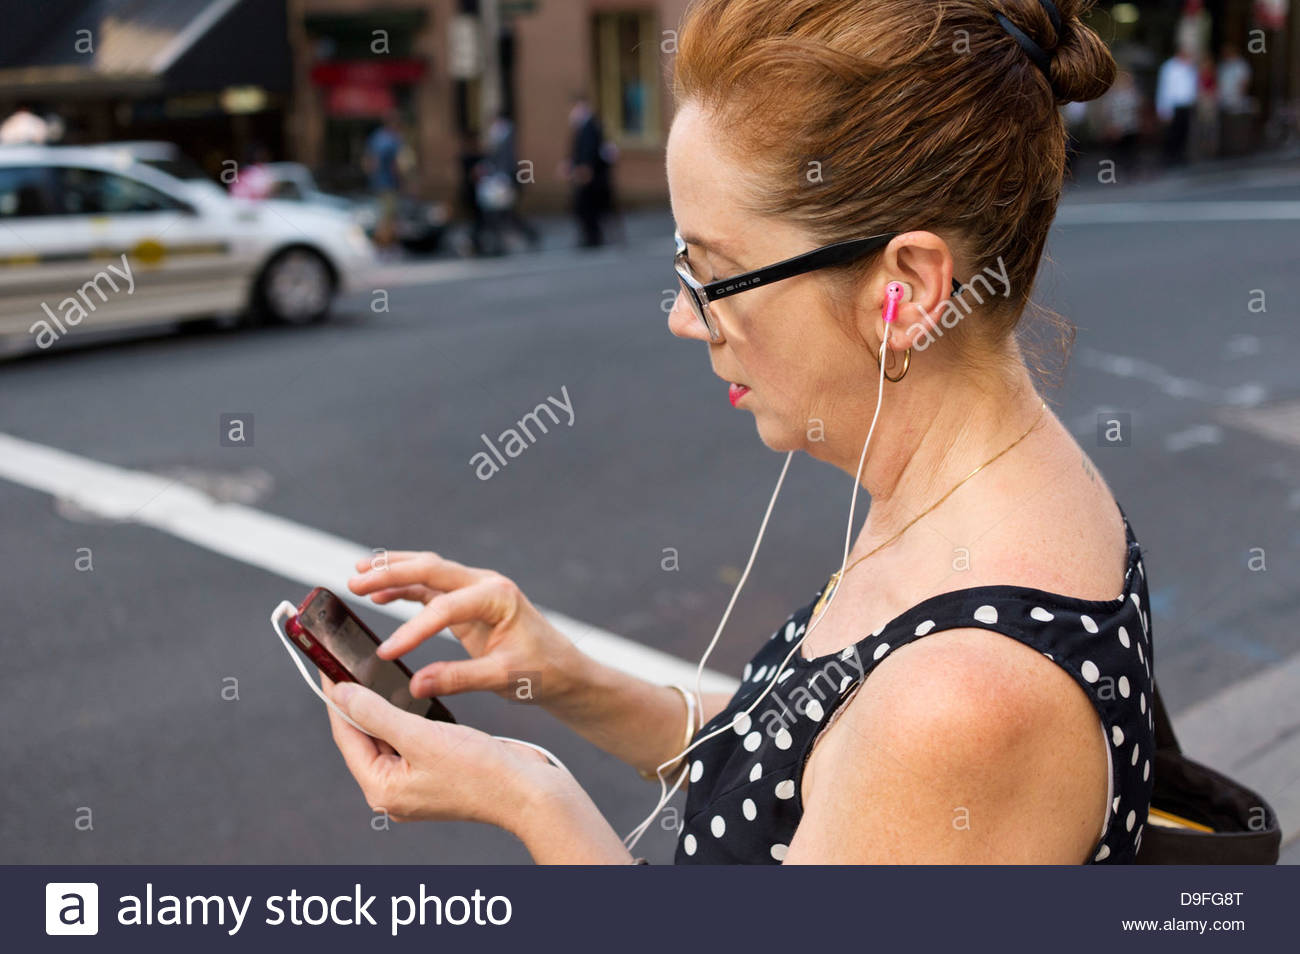 """Frau mit Smart-Phone macht """"Geste auf Touch-Screen, kneifen"""" beim hören über Kopfhörer; Stockbild"""